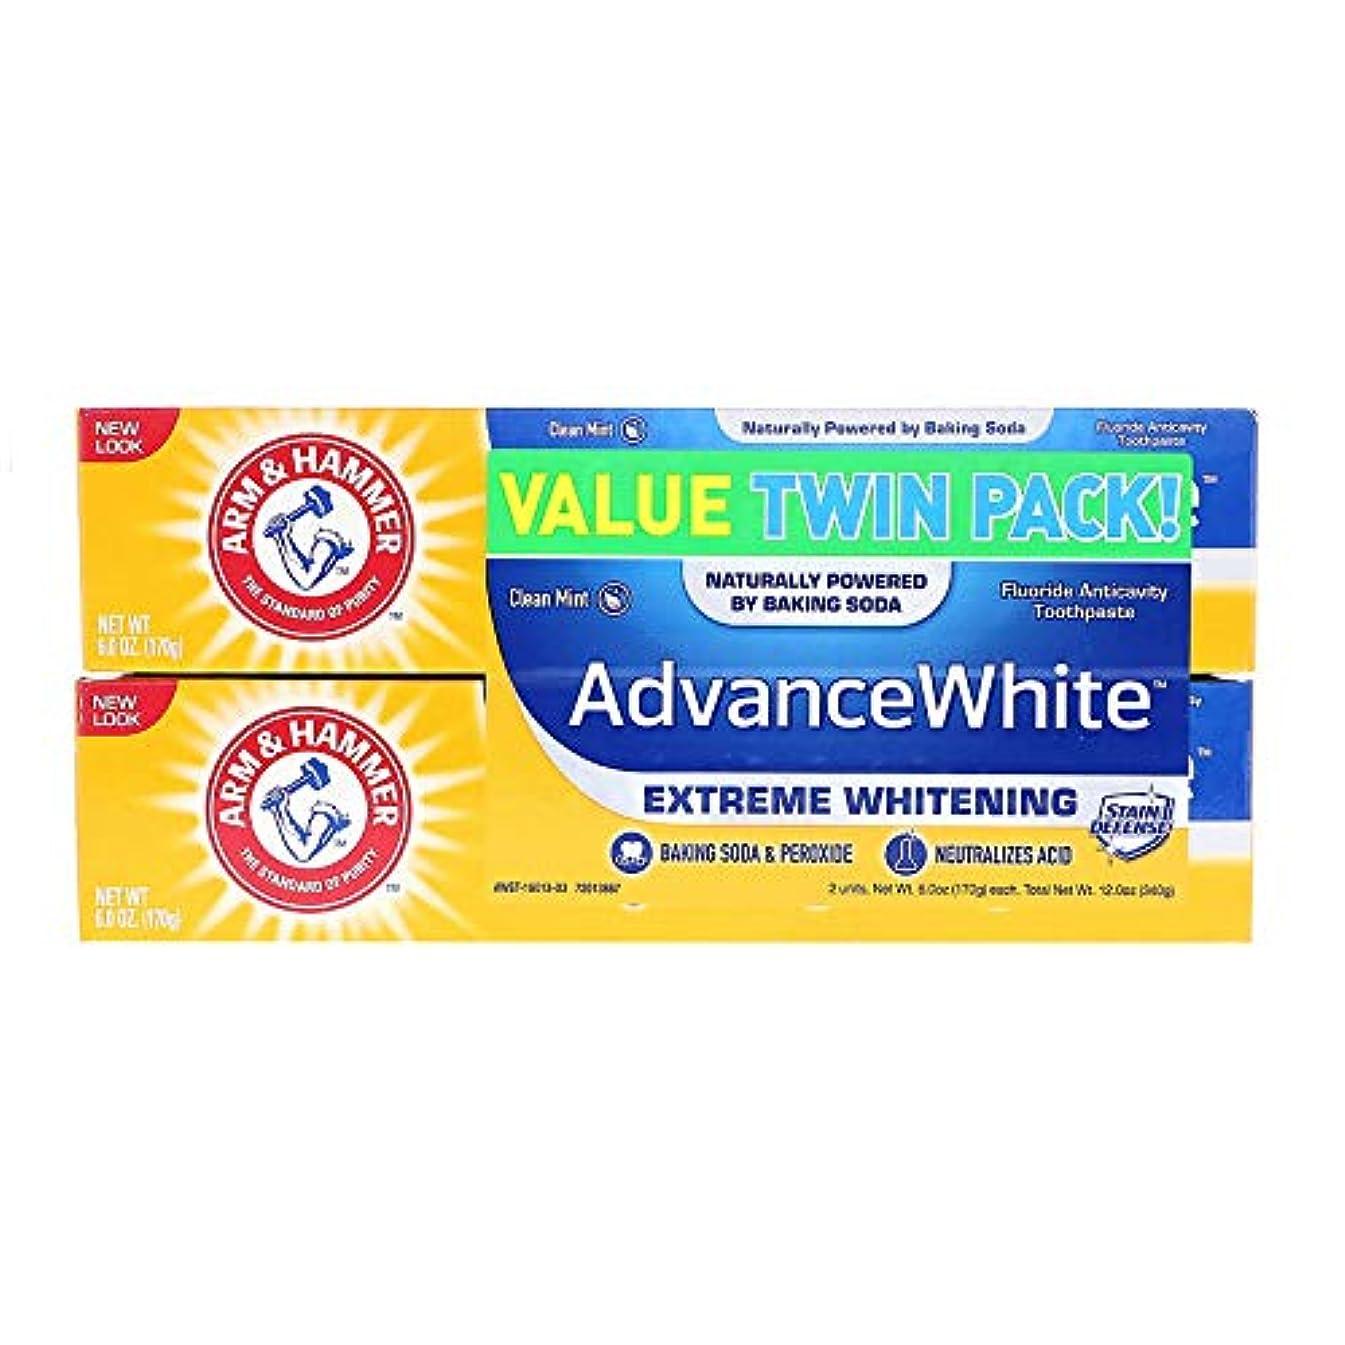 使用法名目上のどうやってArm & Hammer アーム&ハマー アドバンス ホワイト 歯磨き粉 8個パック Toothpaste with Baking Soda & Peroxide